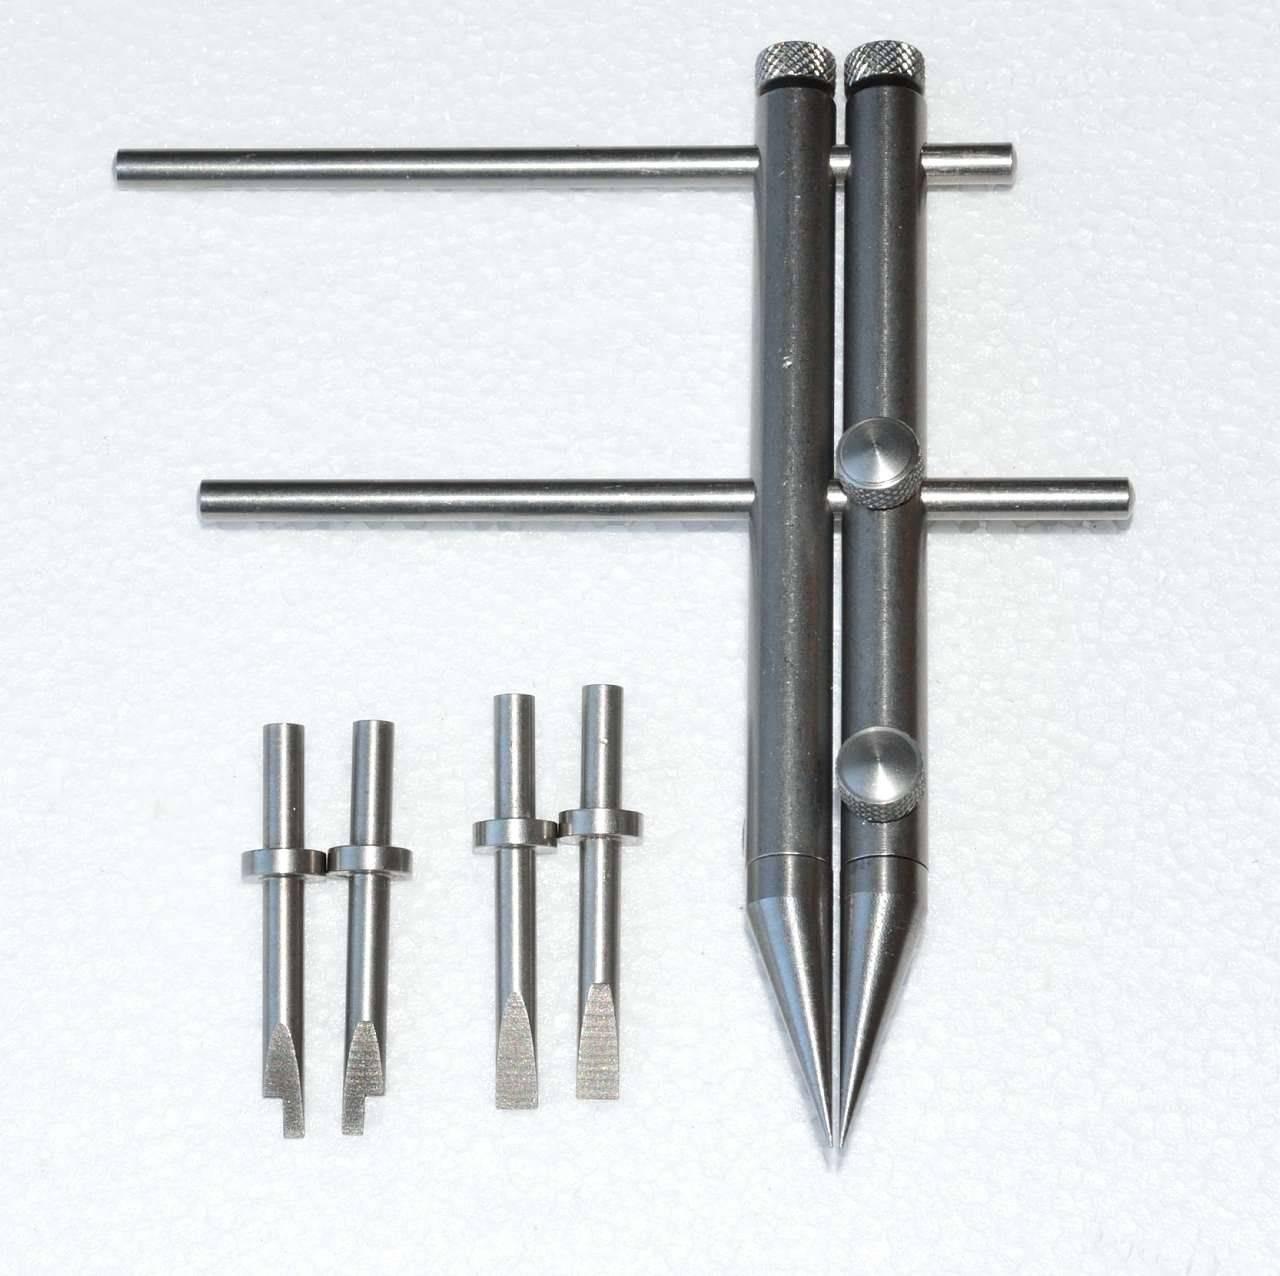 Spanner Wrench.JPG